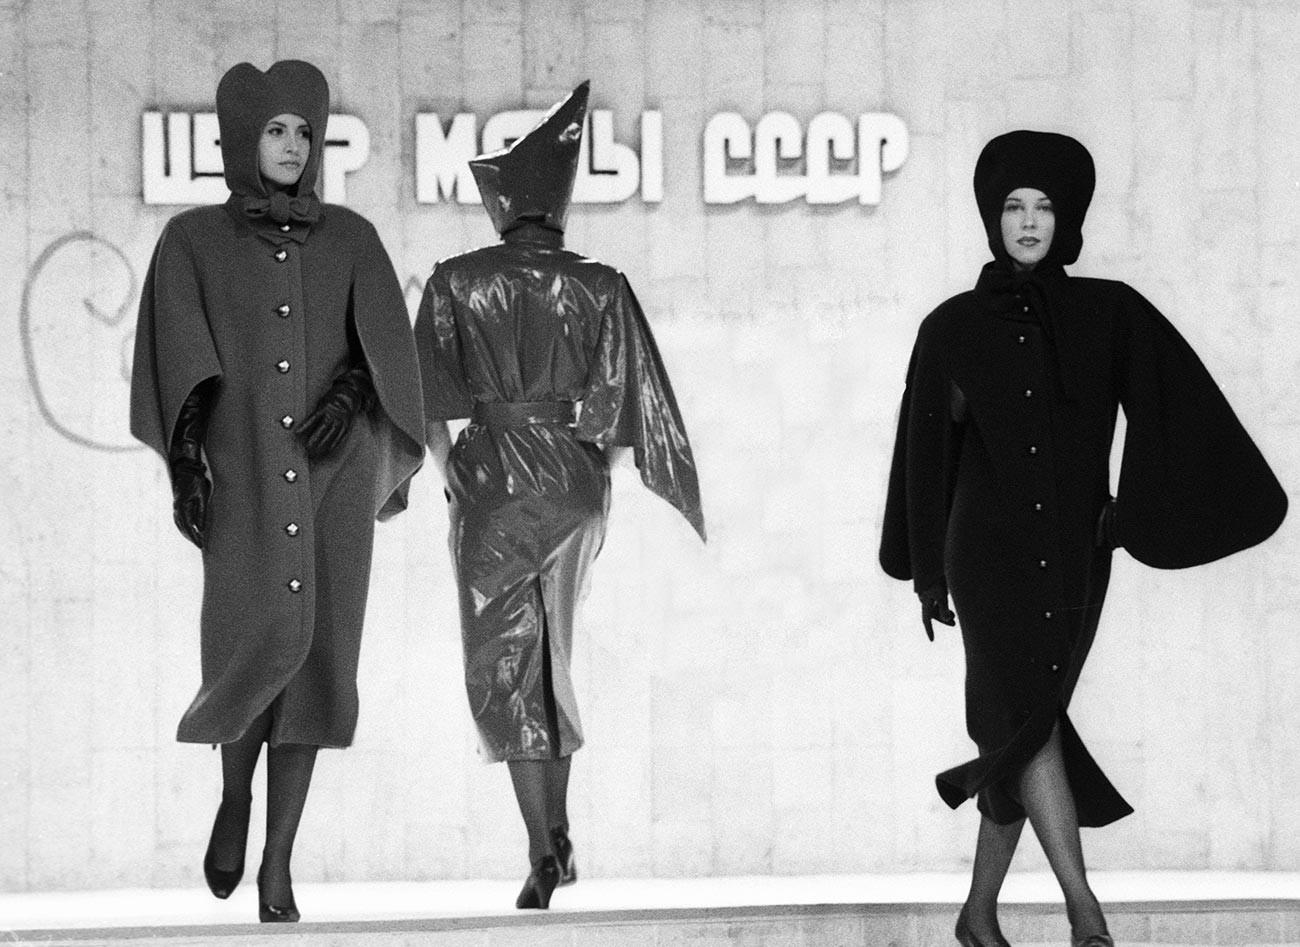 Modelle in passerella con gli abiti dello stilista Pierre Cardin, Mosca, 1989